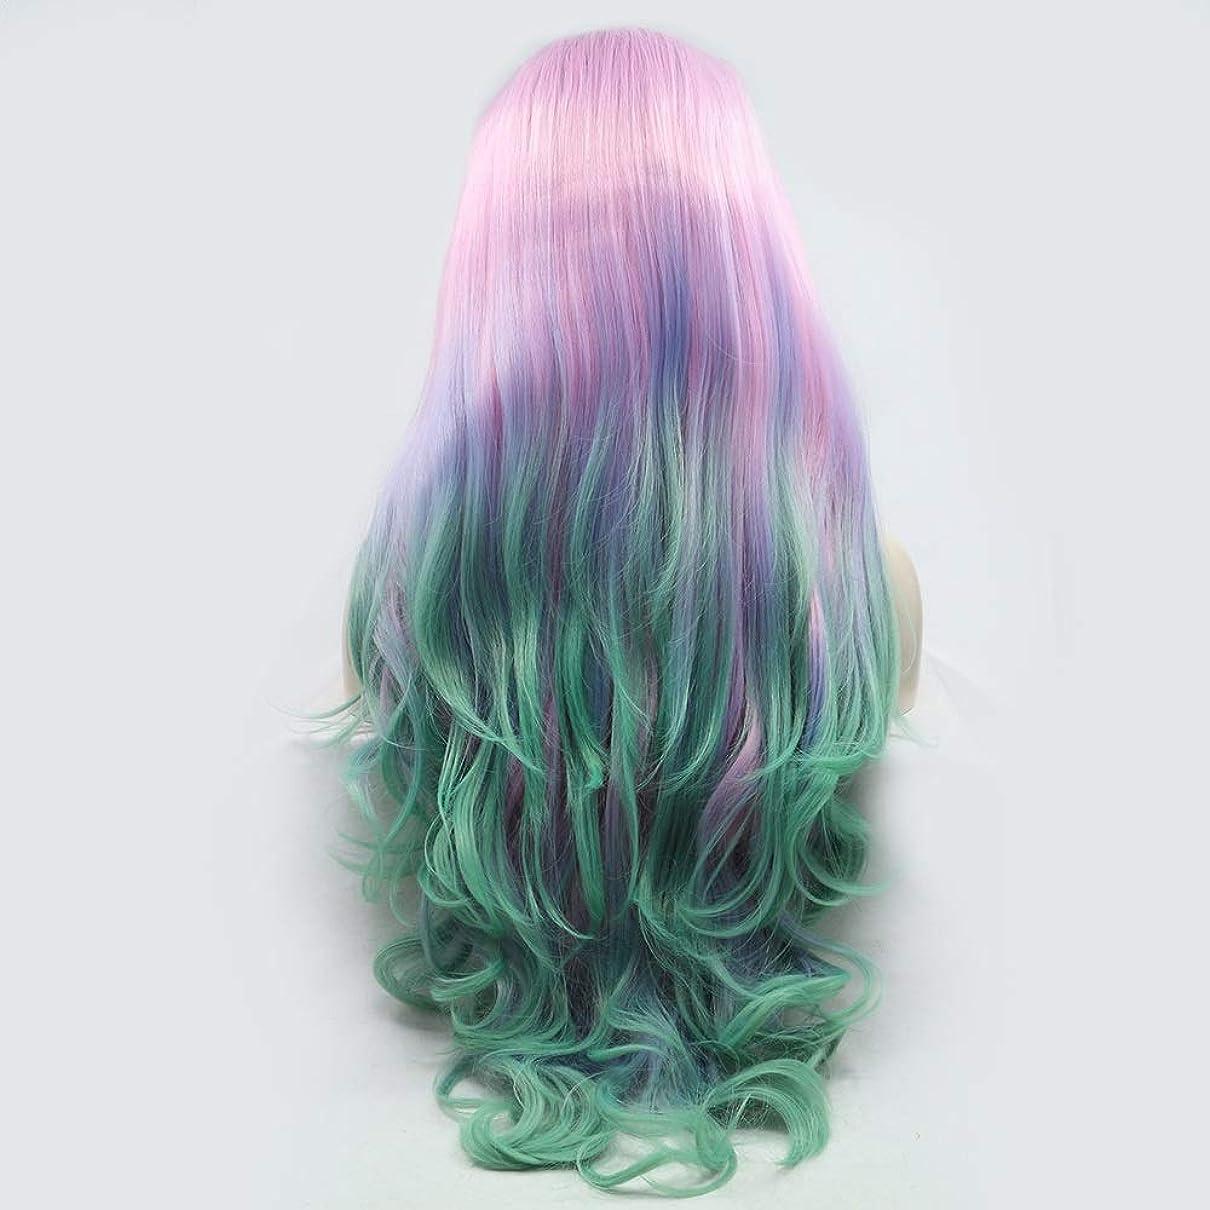 男らしい出費ランタンZXF 多色長い巻き毛のかつらレディース手作りレースヨーロッパとアメリカのかつらをかつらの髪の色で設定された色ピンク - グリーン - グラデーションセット 美しい